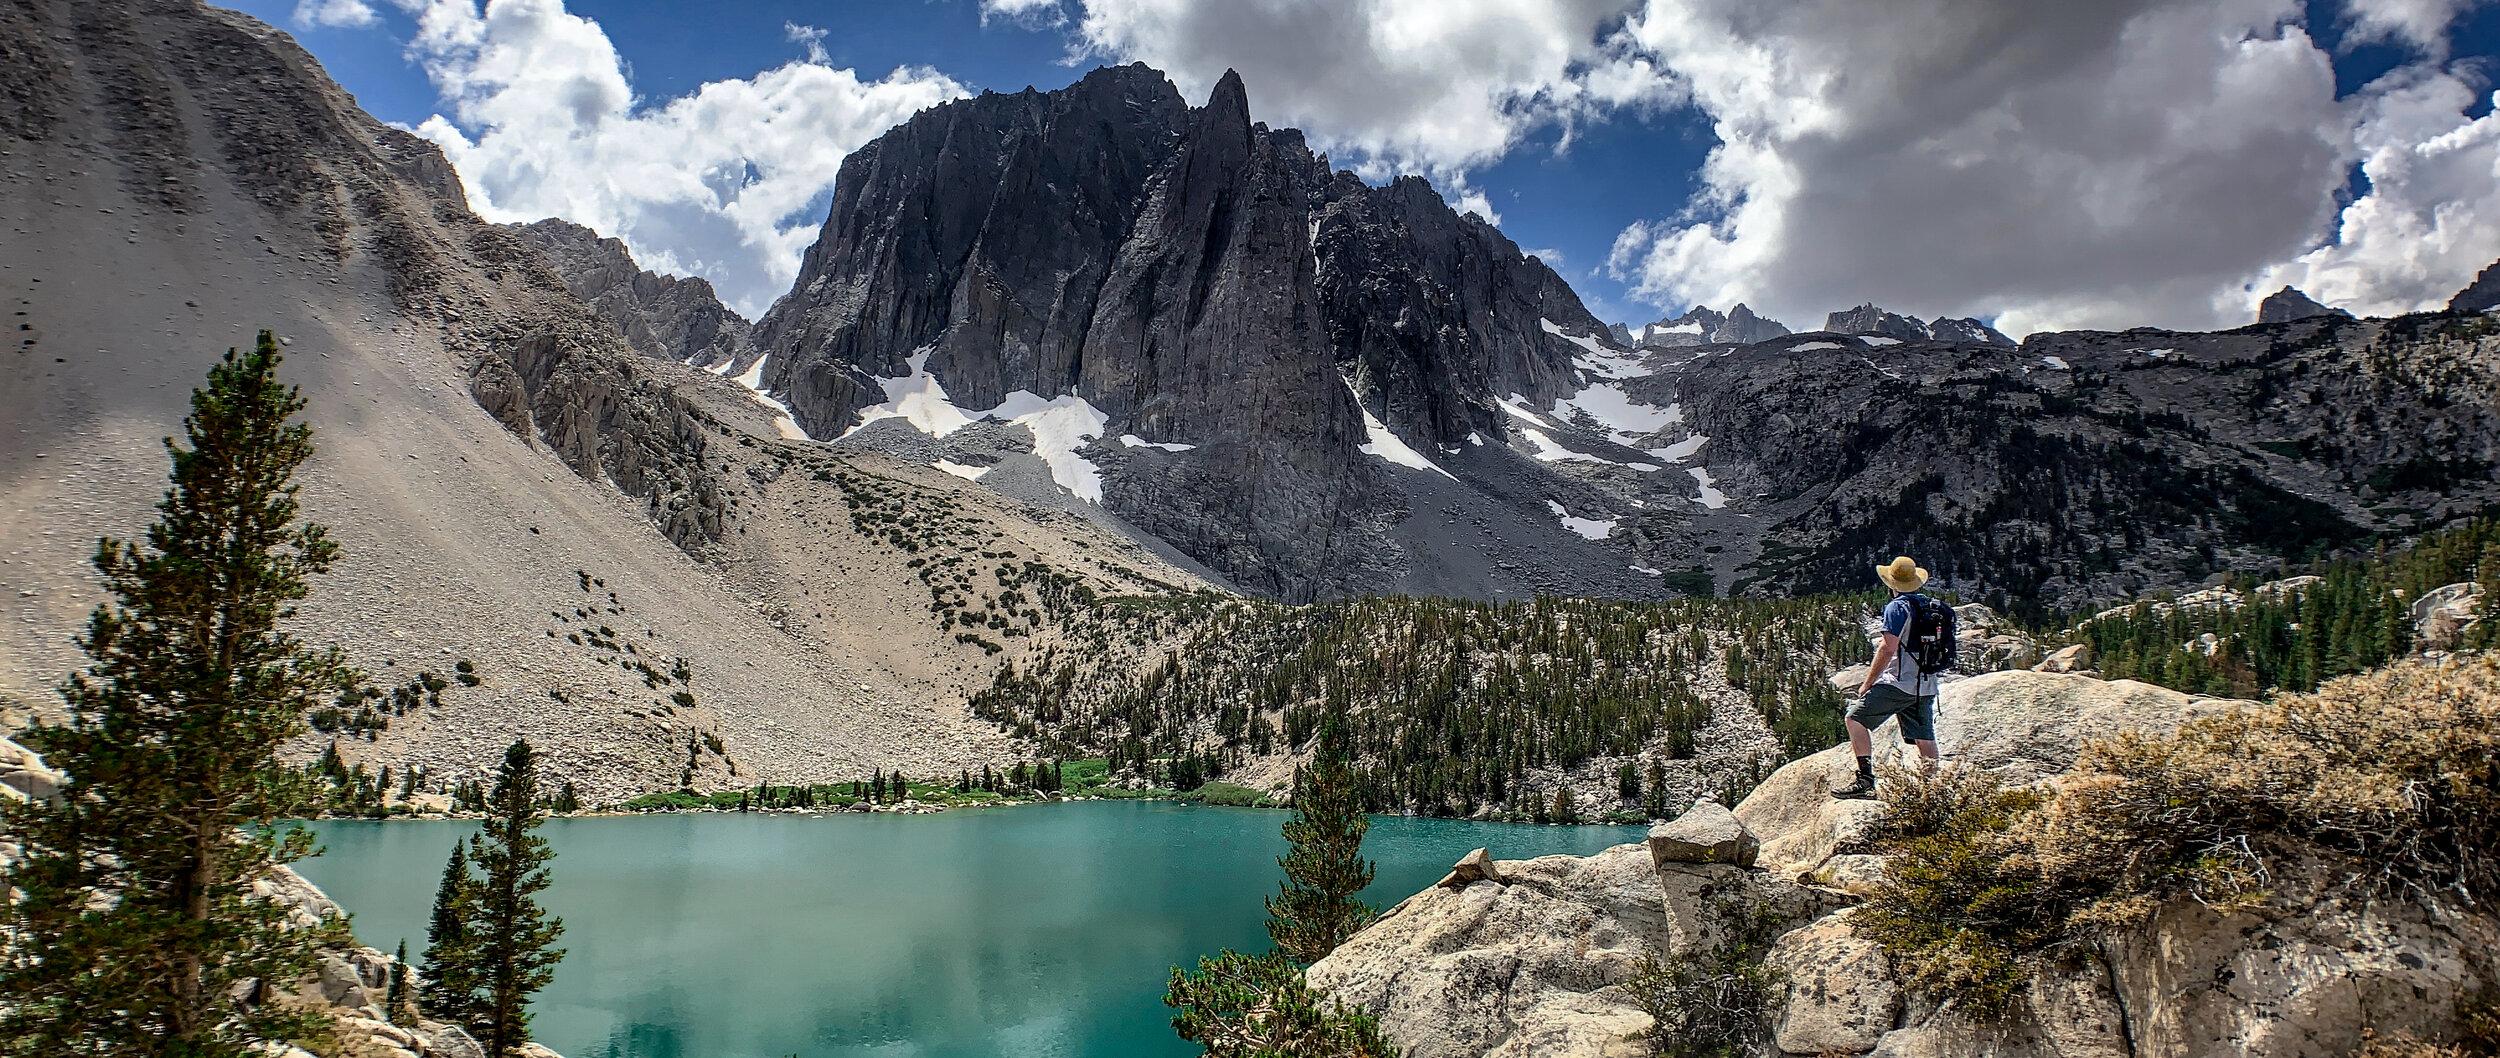 Sierras w Rumsey 2019-10.jpg